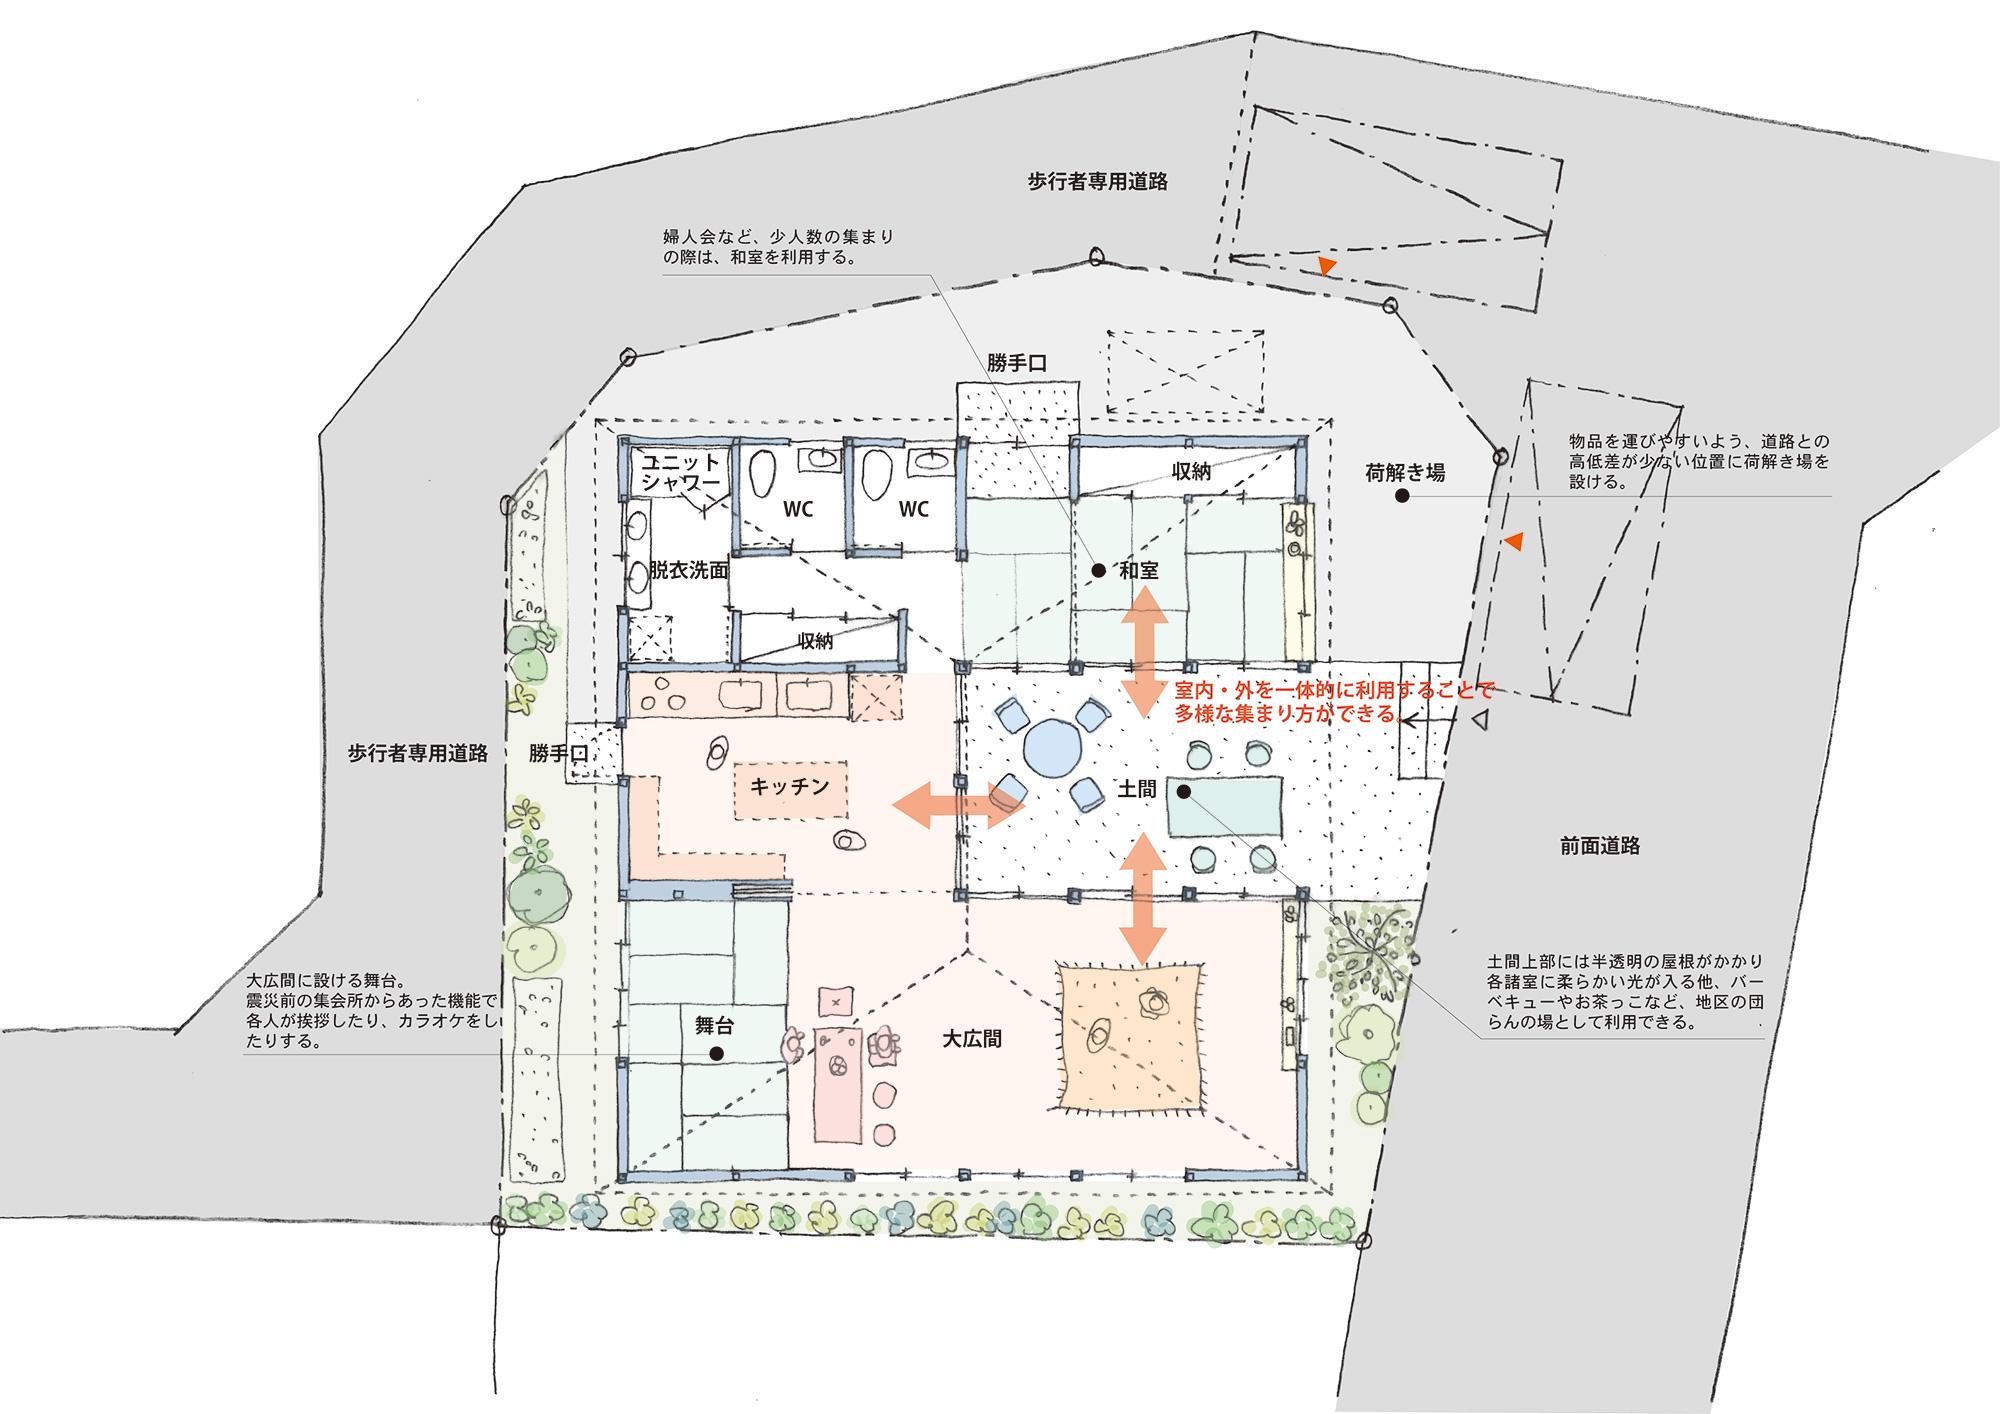 桑浜総合センター